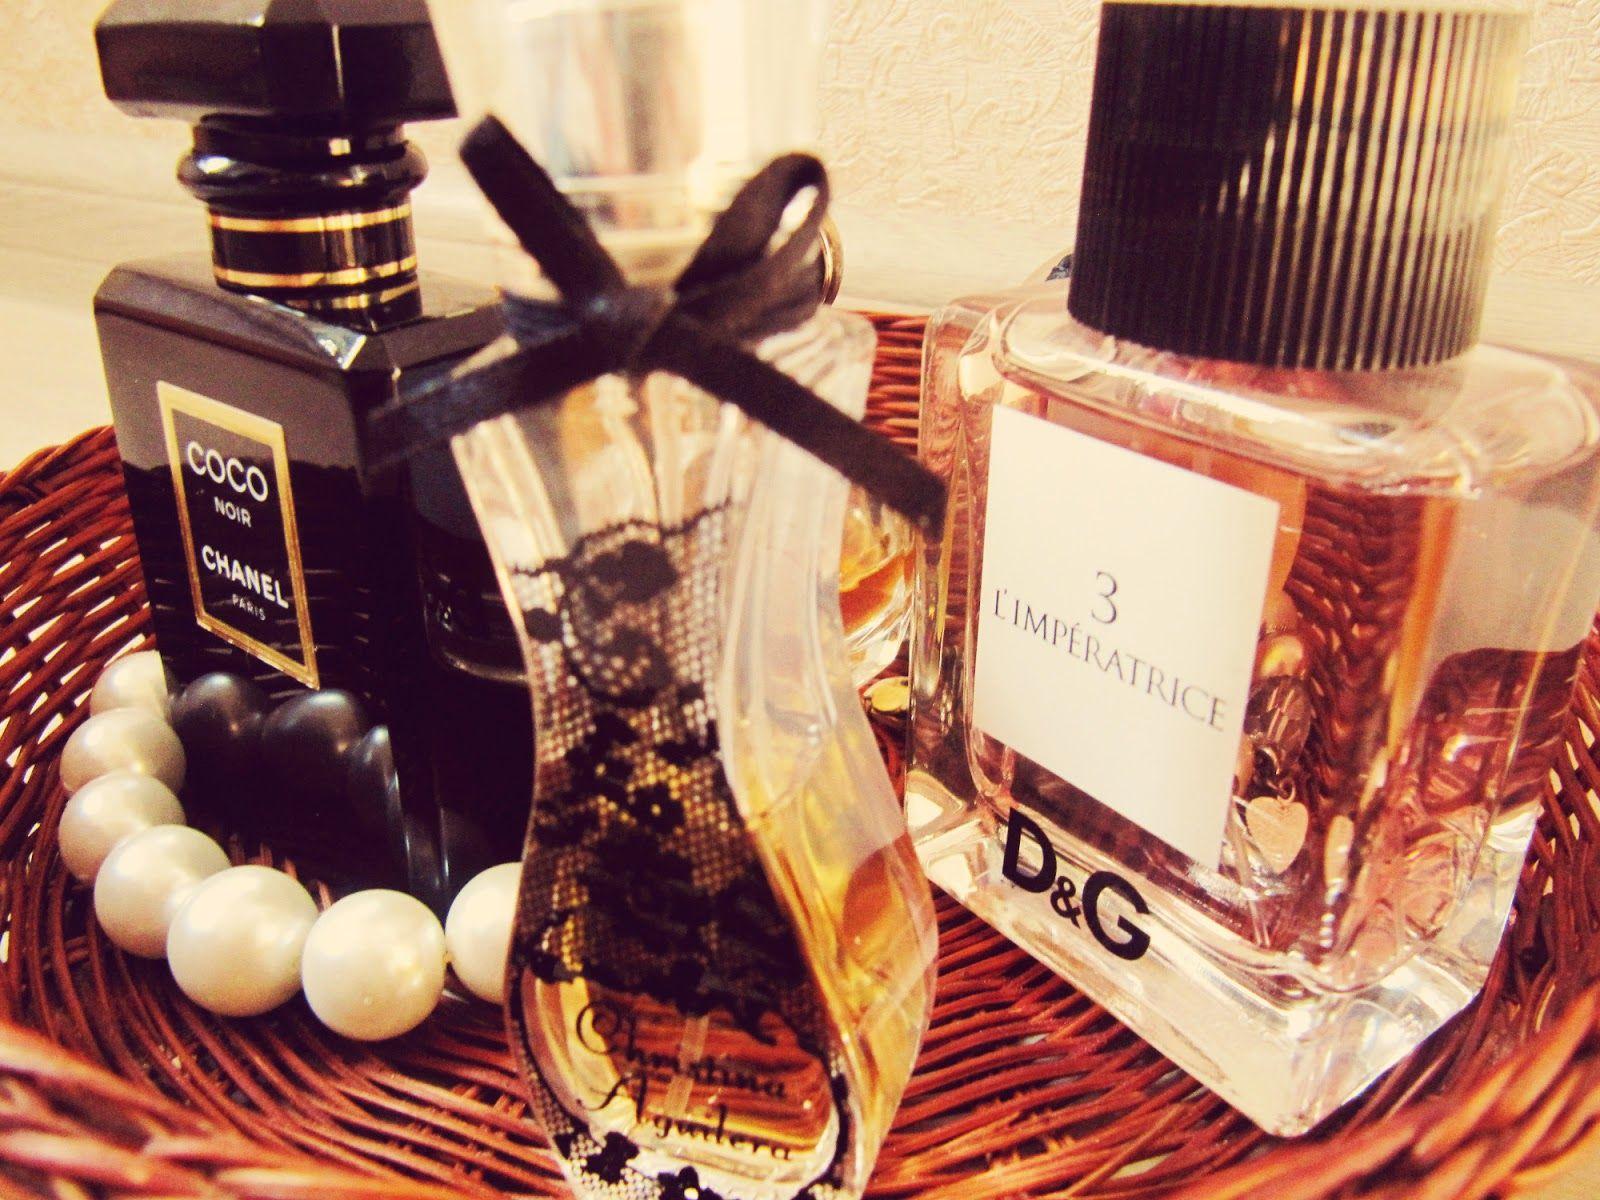 أفضل عطور الماجد للعود النسائية والرجالية الأنواع الجديدة 2020 موسوعة Perfume Perfume Bottles Fitness Beauty